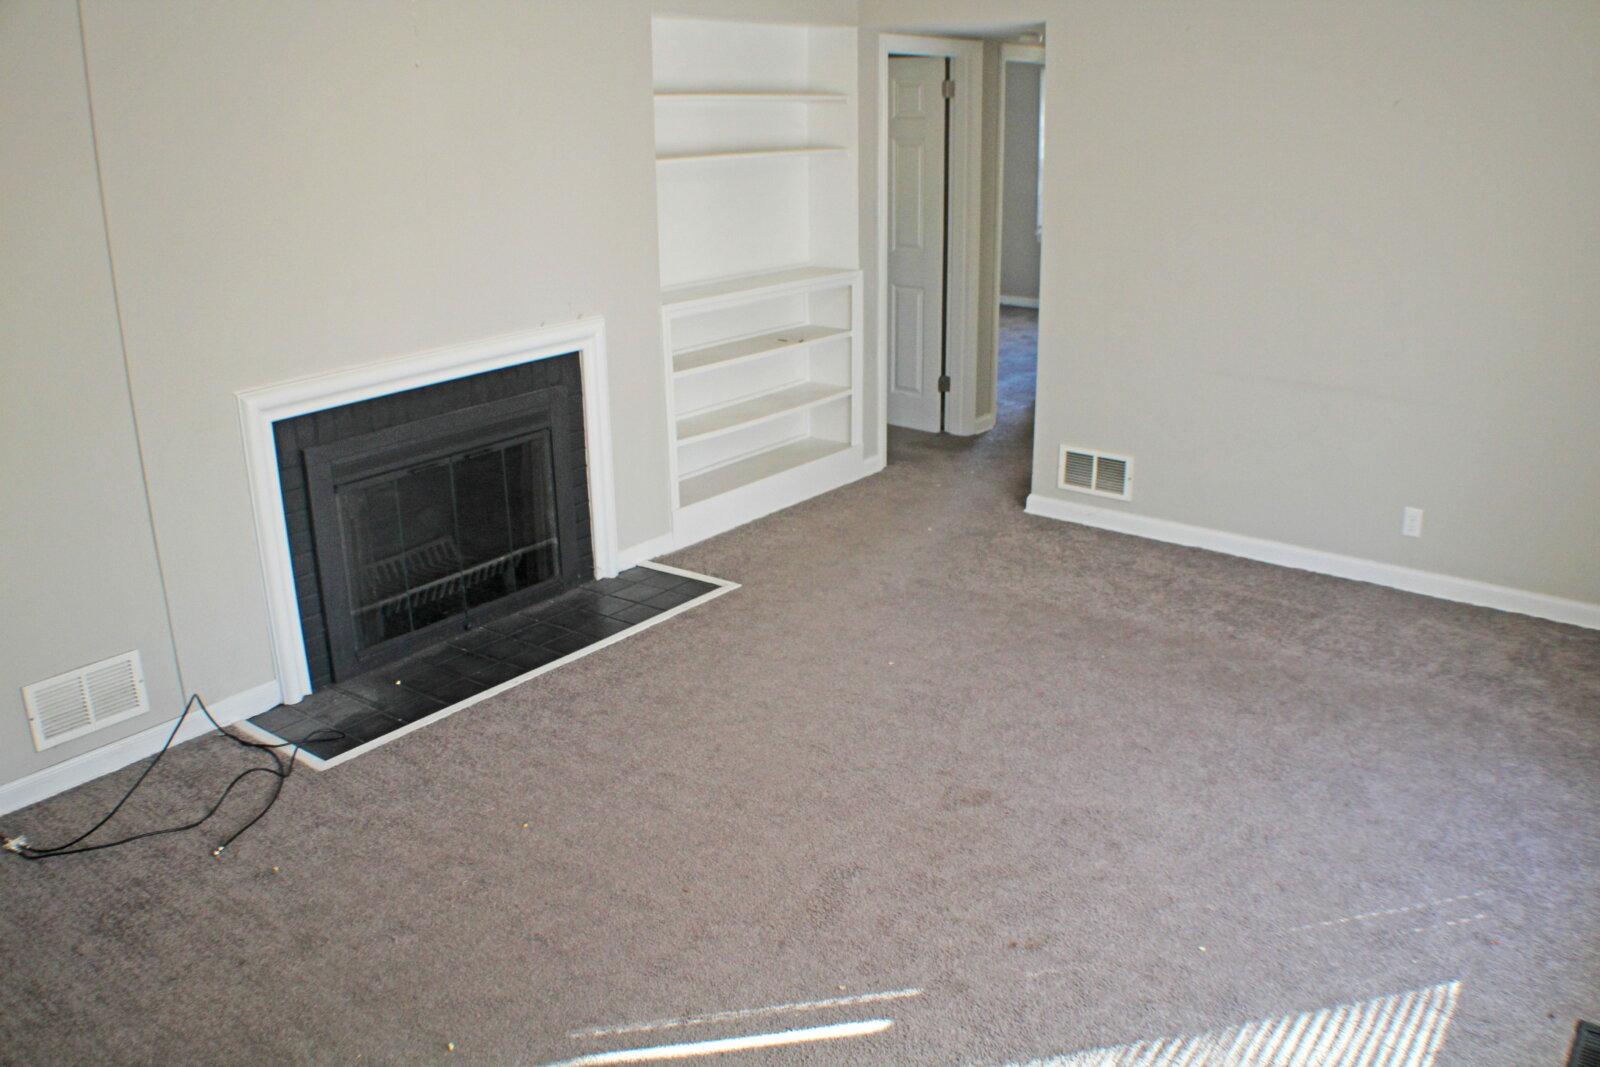 Home-for-sale-in-hamilton-ohio